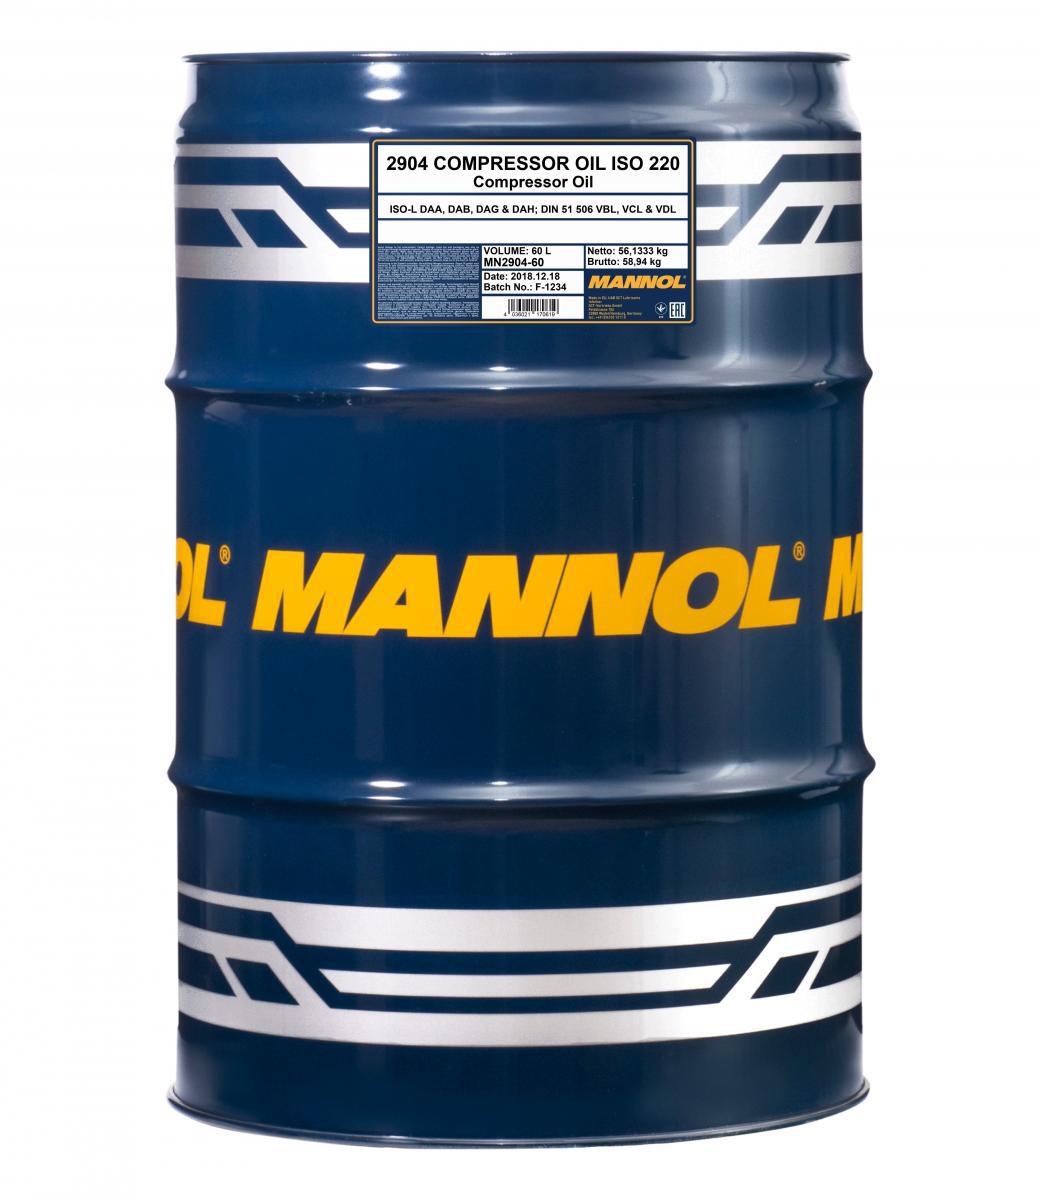 Compressor Oil ISO 220